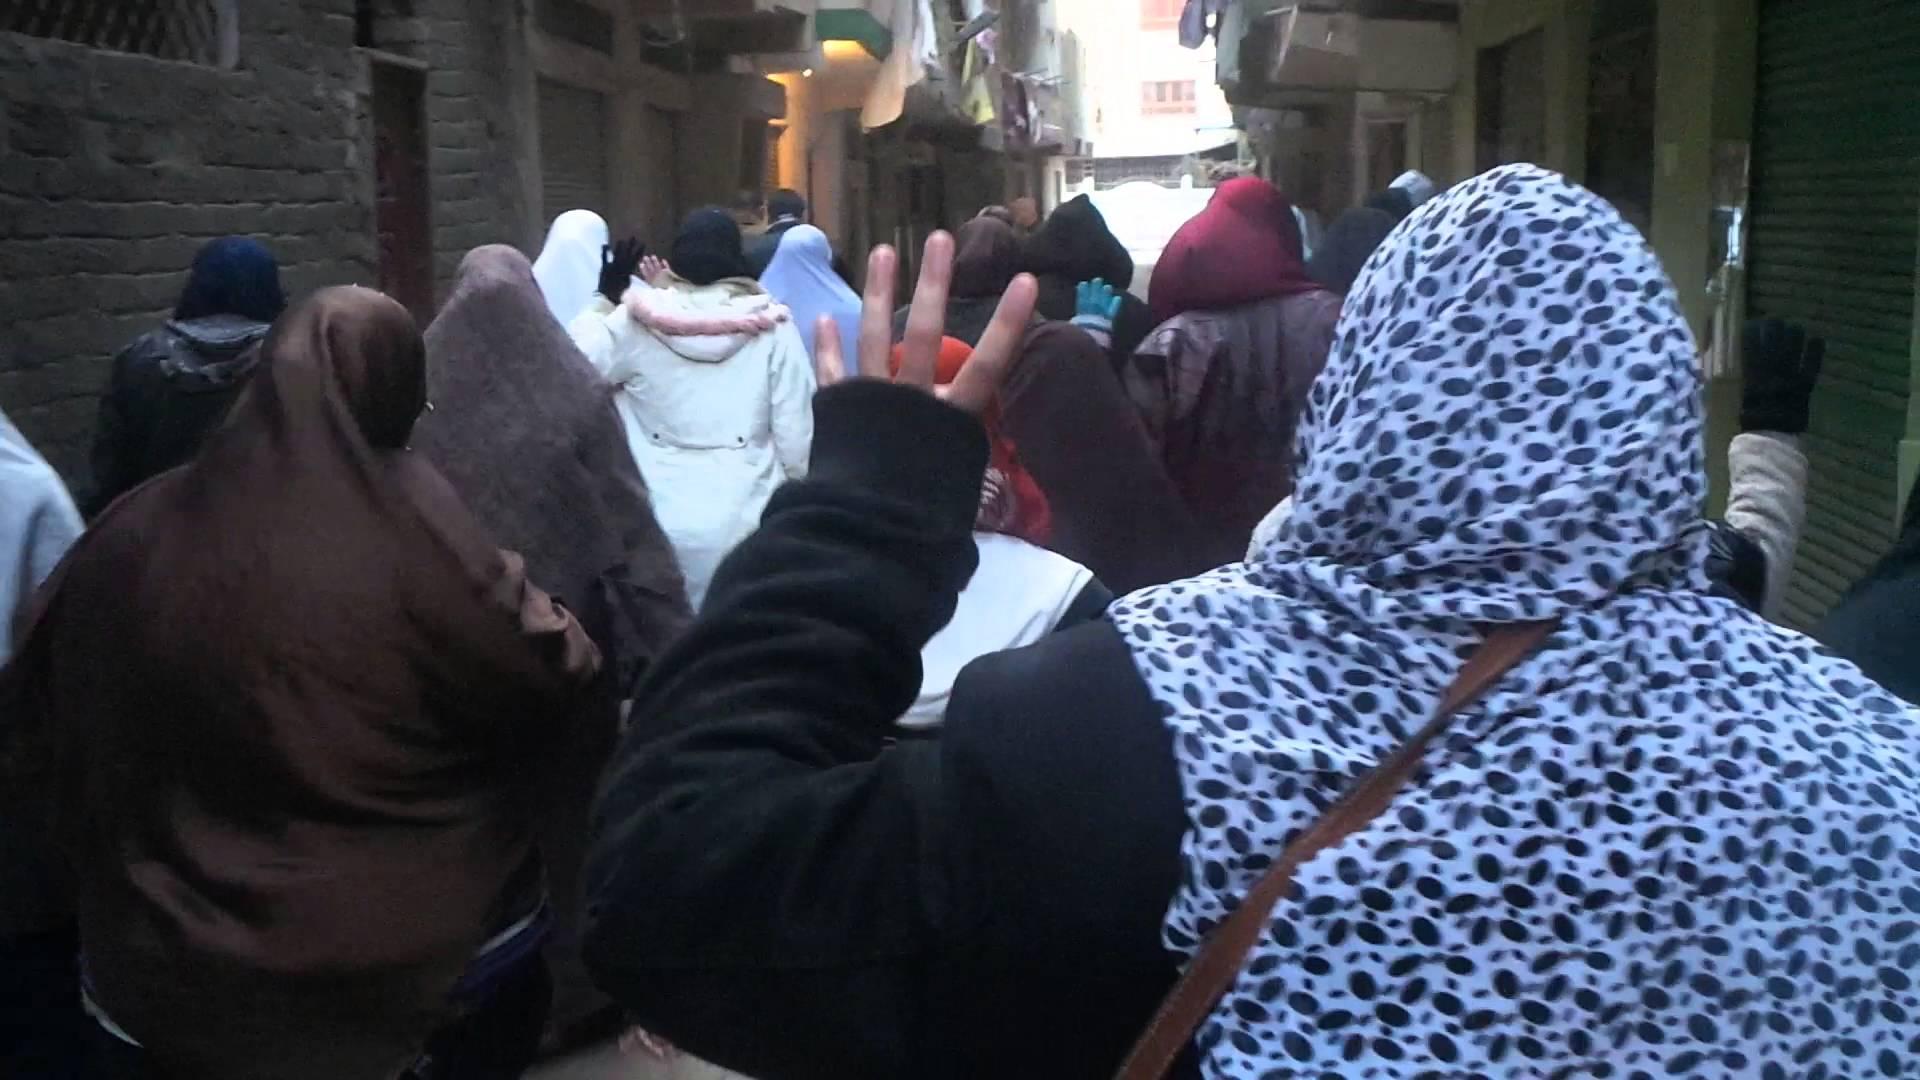 احتفالات المصريين بالذكرى الخامسة لثورة يناير بميدان التحرير